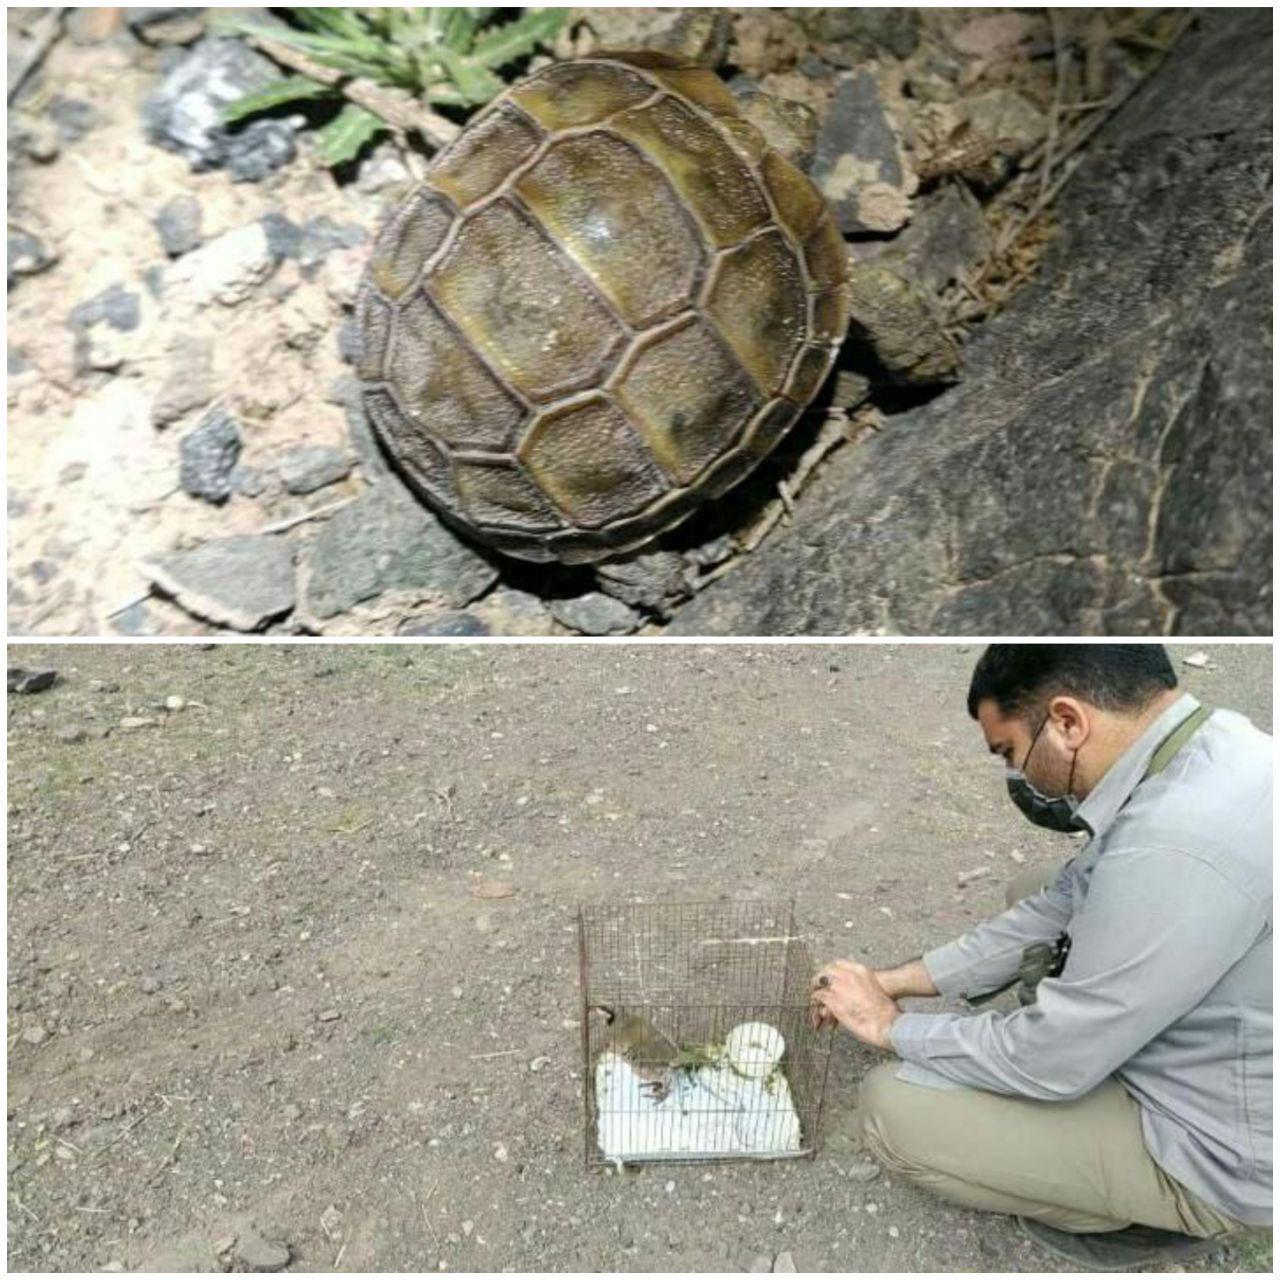 رهاسازی ۲ قطعه لاکپشت مهمیزدار و یک قطعه کبک در حیات وحش یخاب